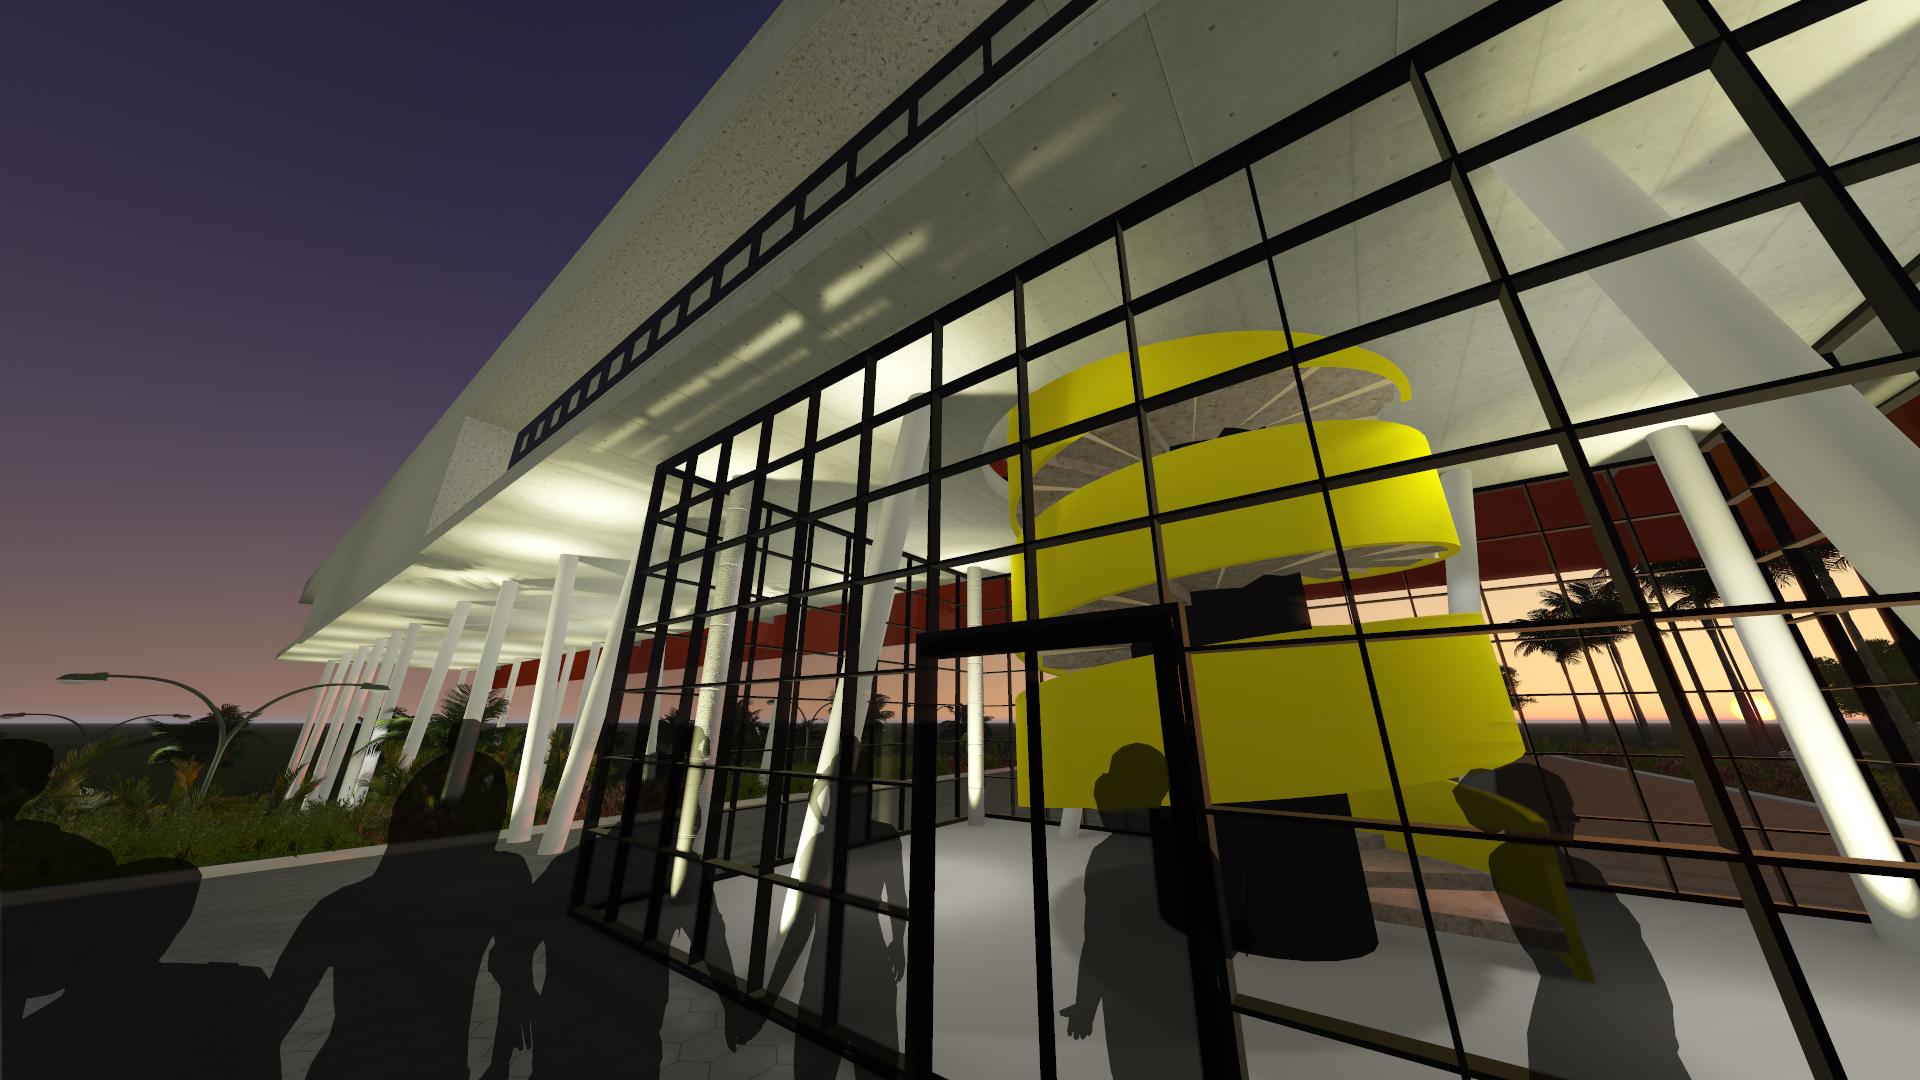 projeto-arquitetonico-museumacaiba-duo-arquitetura-08.jpg